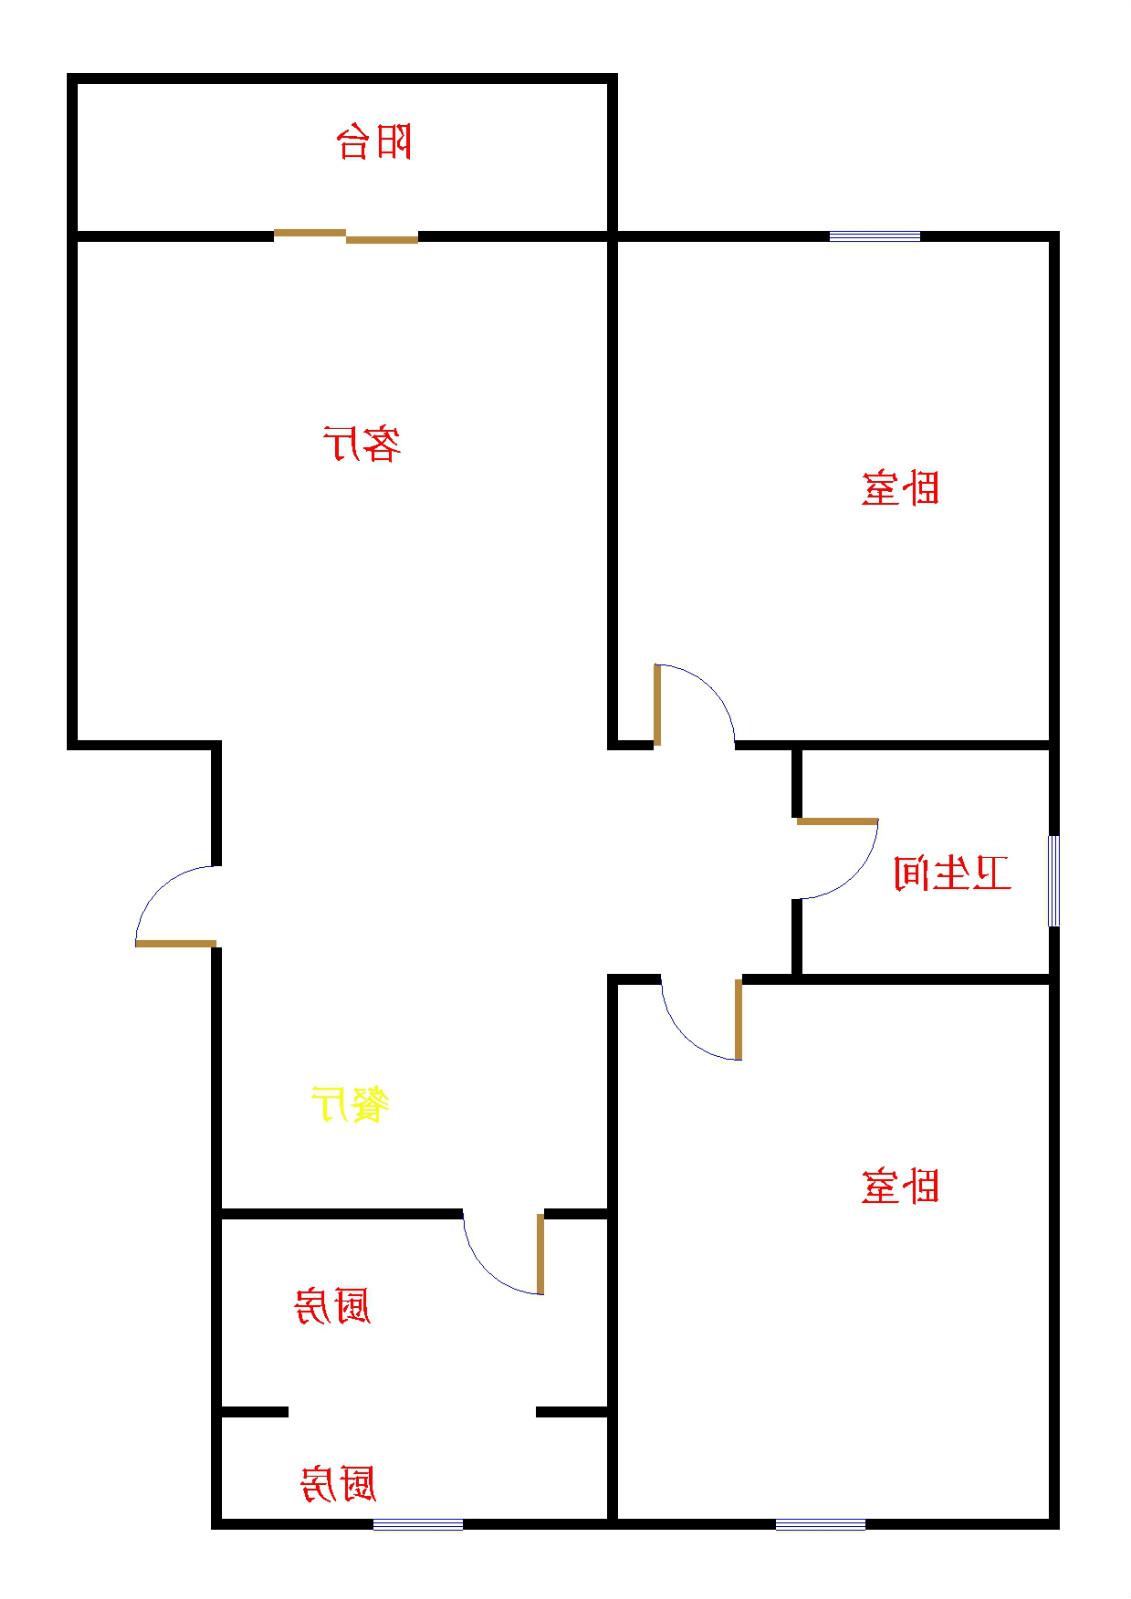 袁桥社区 2室2厅  简装 51万